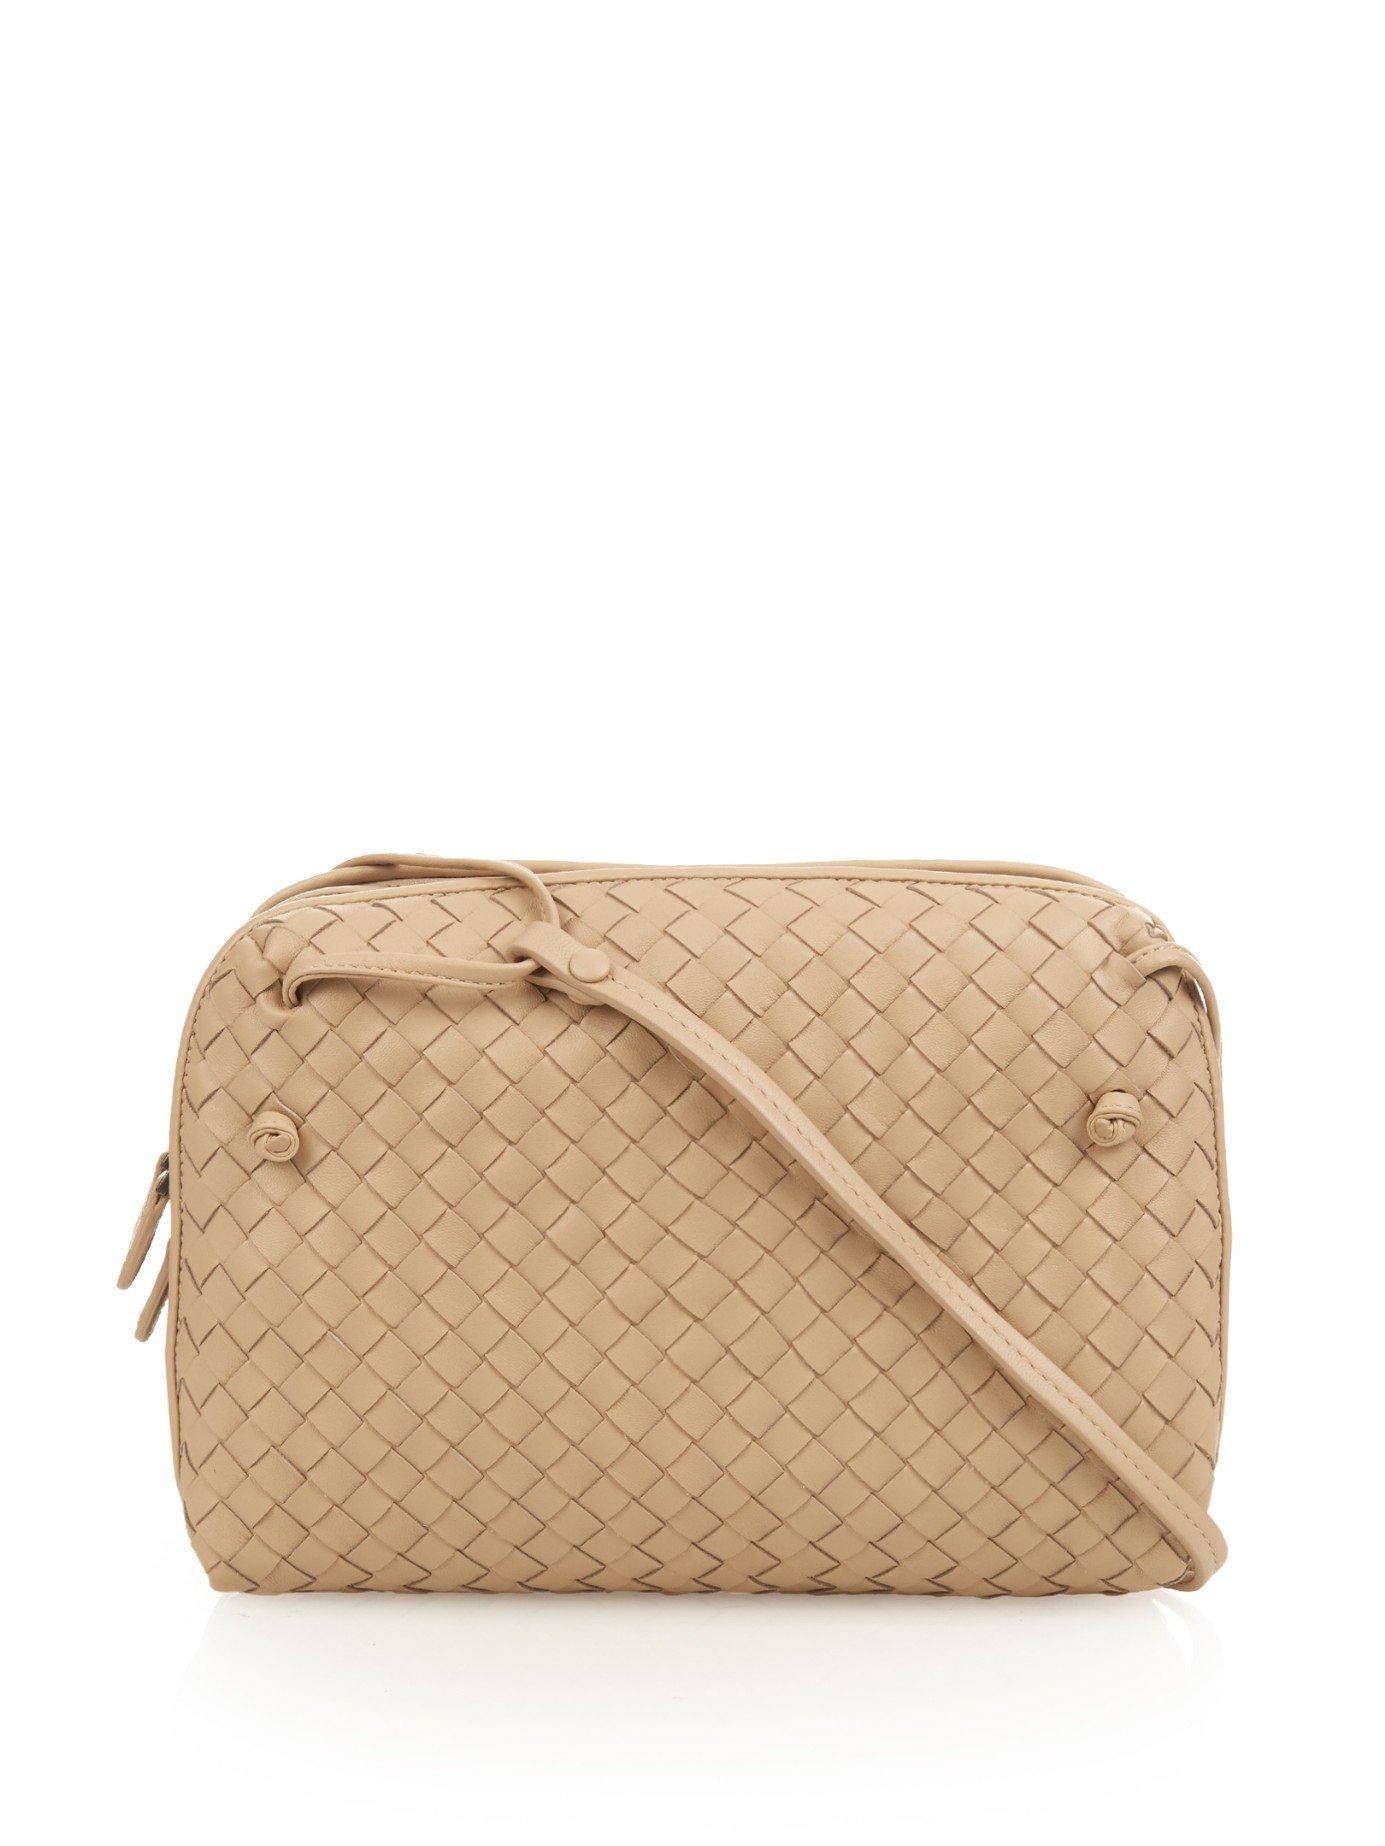 5ab87fc4a3 Bottega Veneta Intrecciato Leather Two-compartment Cross-body Bag in ...